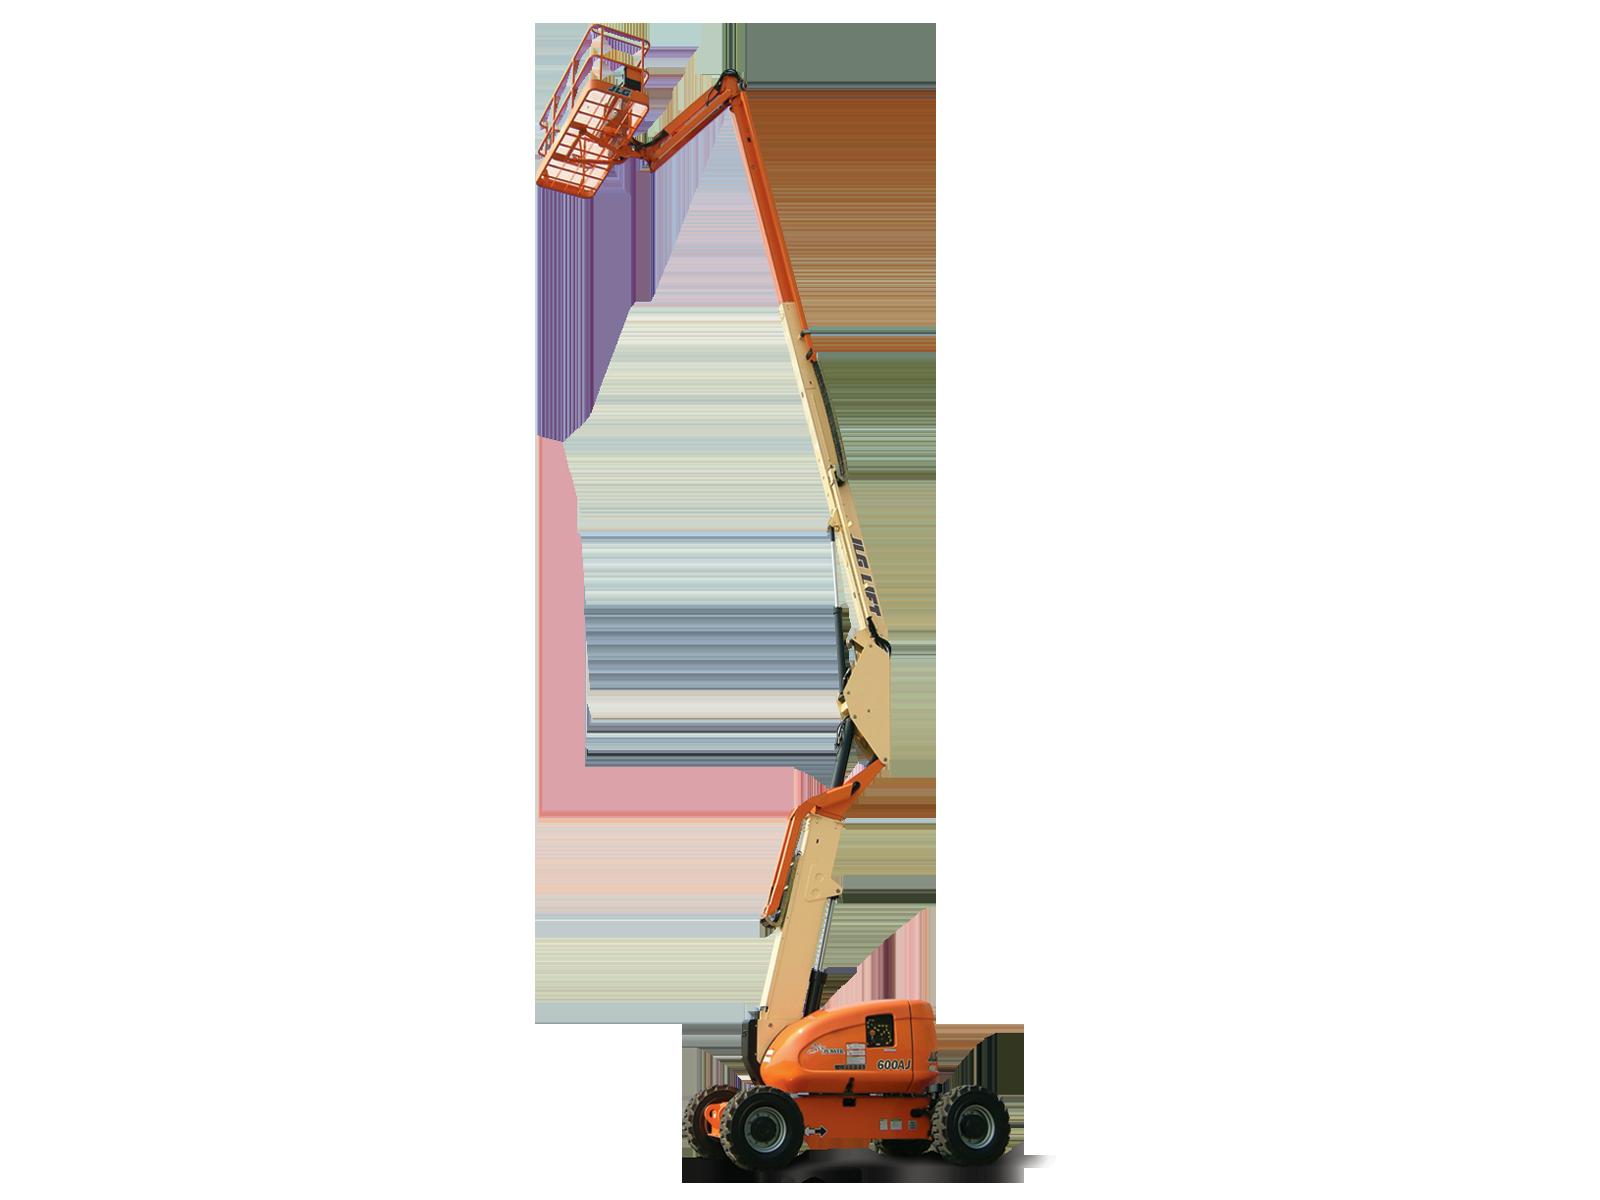 600aj articulating boom lift jlg rh jlg com jlg lift 600s manual jlg lift parts manual